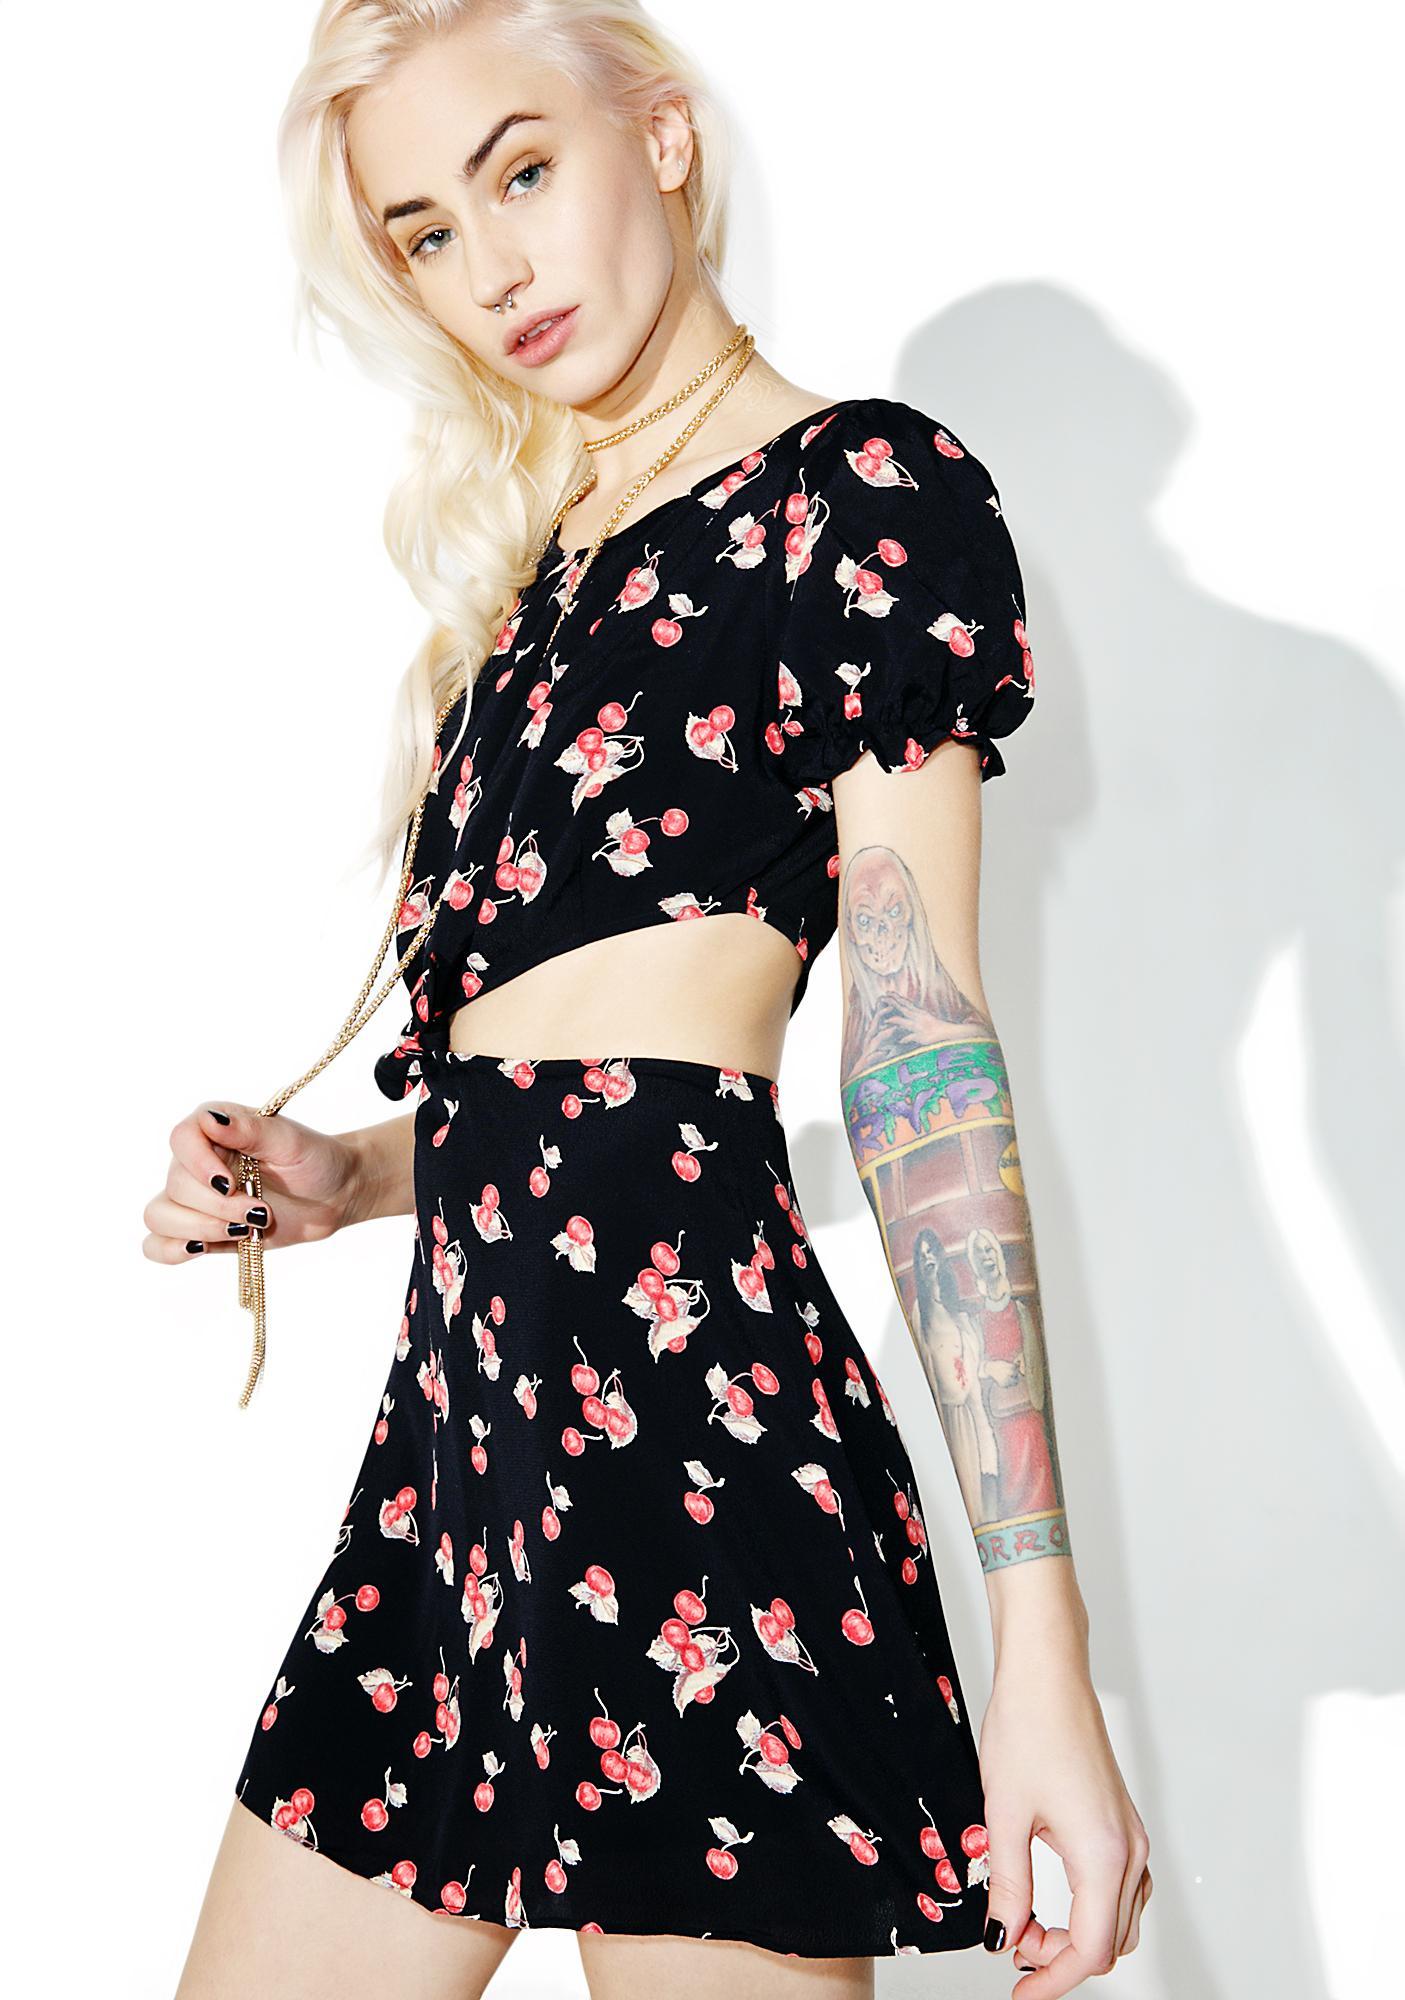 For Love & Lemons Cherry Waist Cut Out Dress